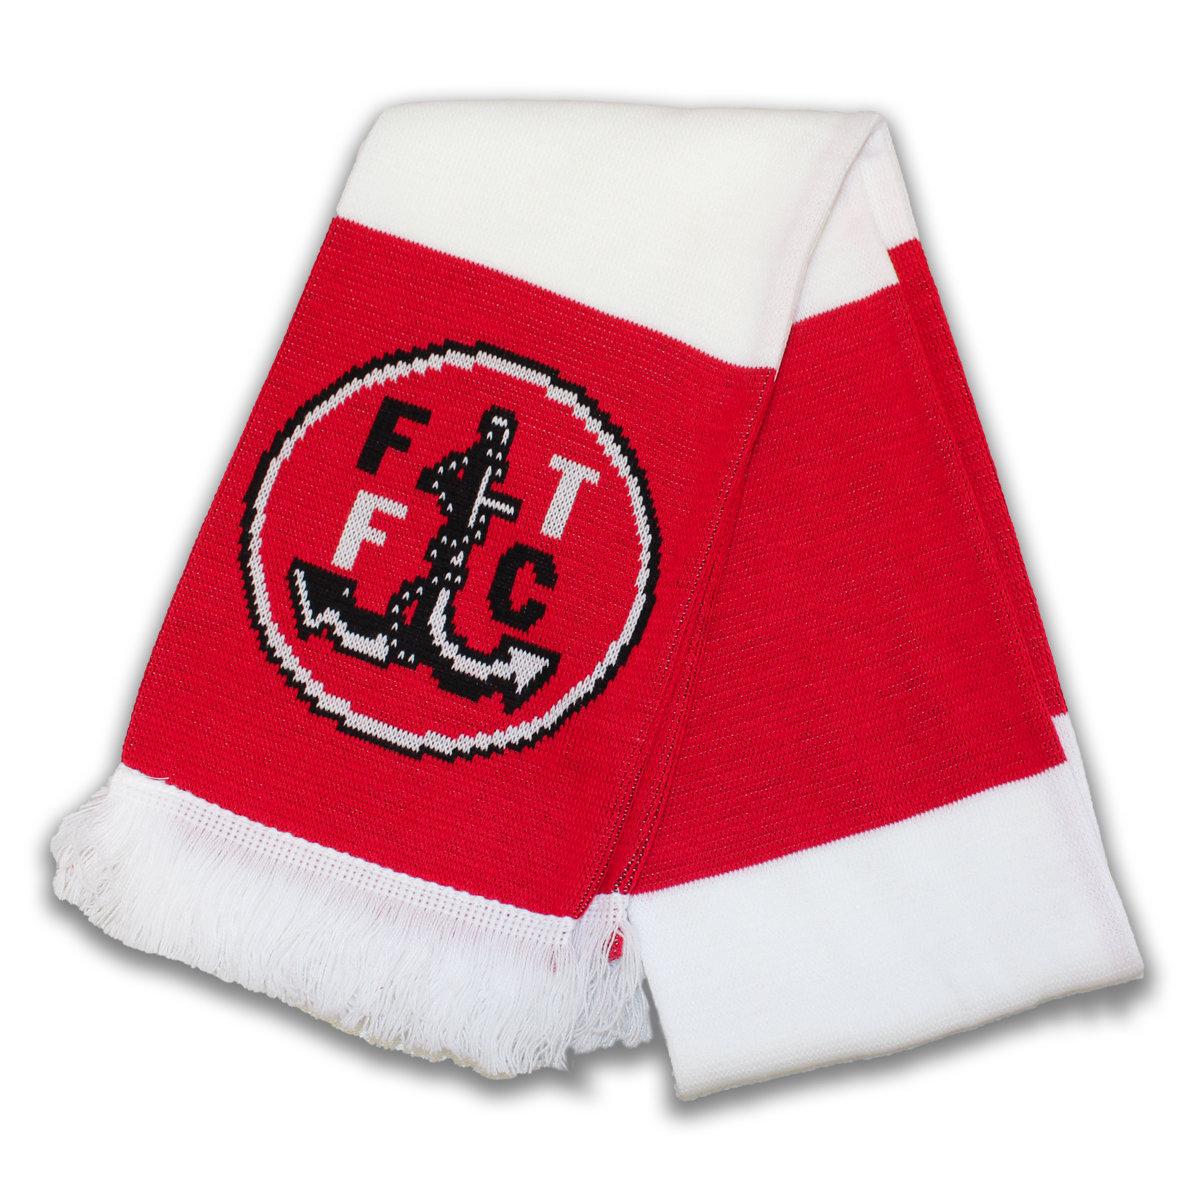 fleetwood-town-fc-bar-scarf-1590748882Bar-Scarf